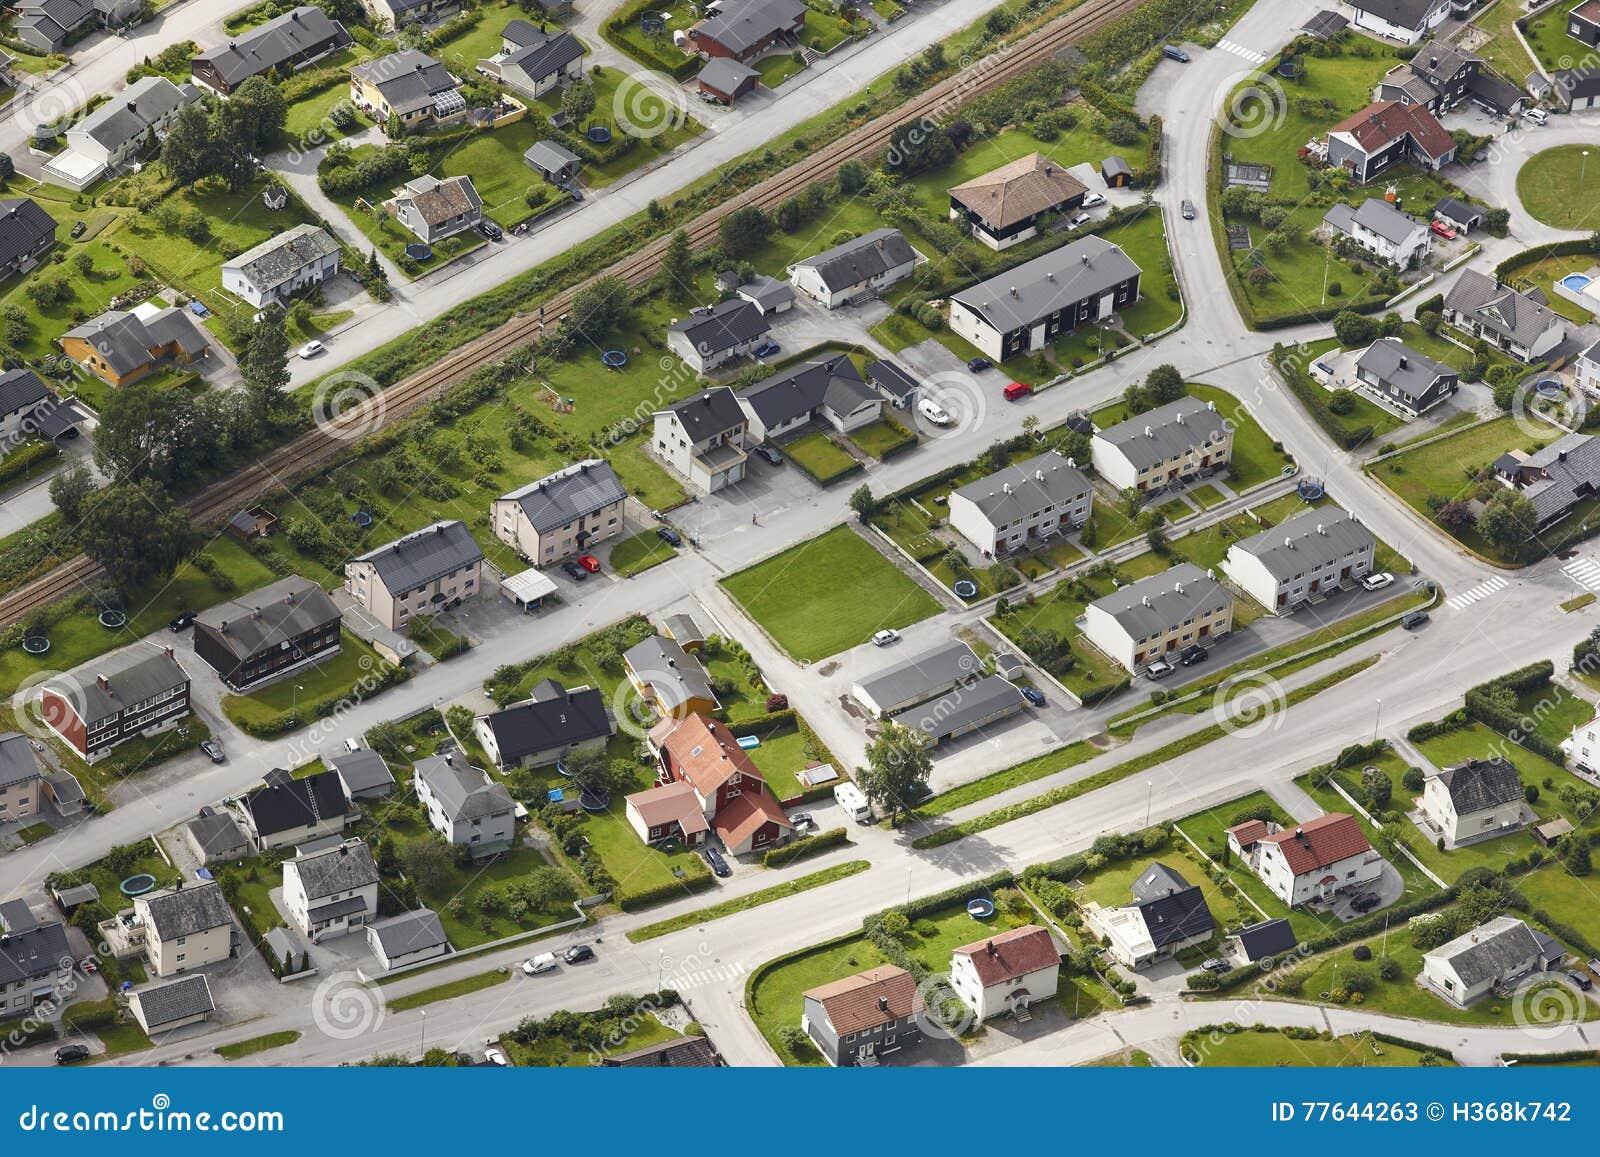 Norway Aerial European Rural City View Andalsnes Nesaksla Vie